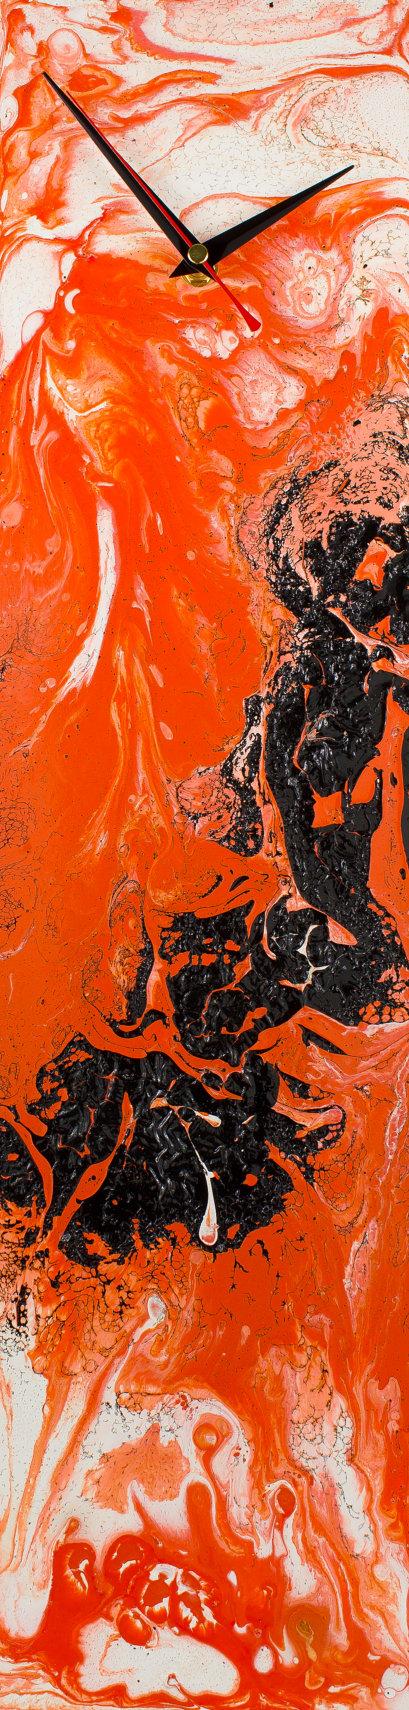 Orange Wall Clock Minimal Clocks Glass Wall Clock Minimal Wall Art Glass Wall Art Handmade By Craig An Minimal Wall Art Glass Wall Art Orange Wall Clocks